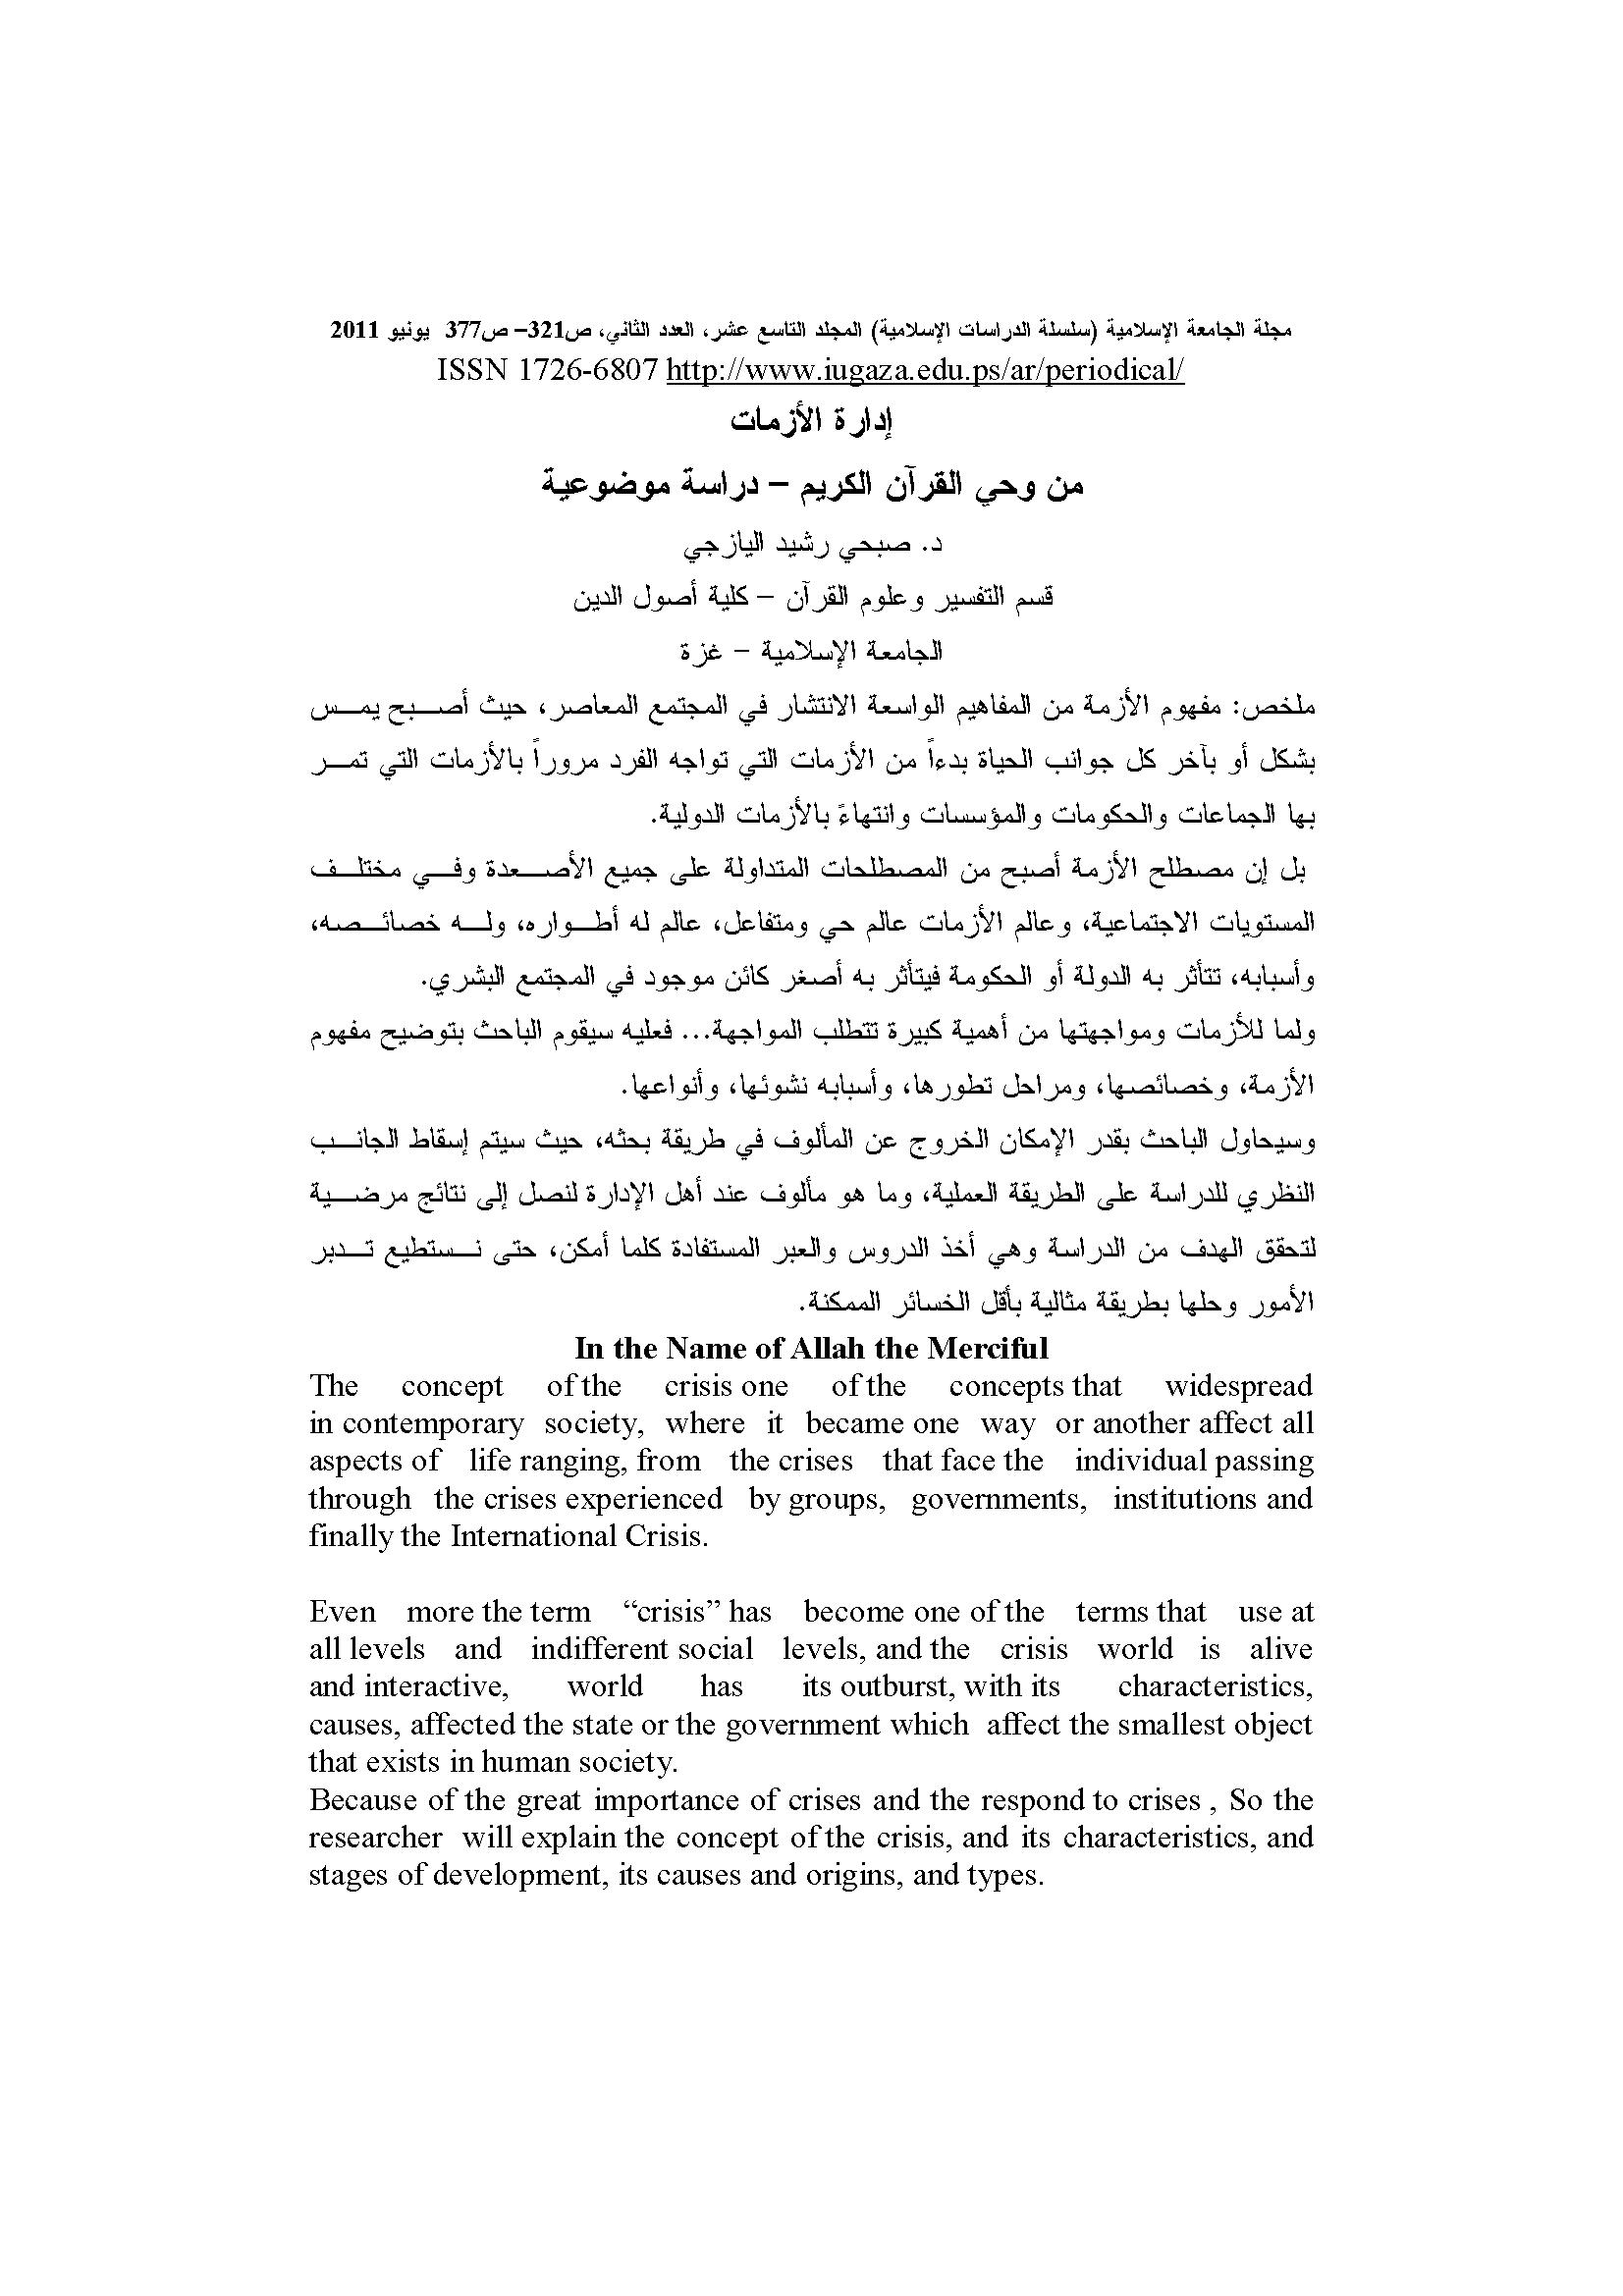 تحميل كتاب إدارة الأزمات من وحي القرآن دراسة موضوعية لـِ: الدكتور صبحي رشيد حسن اليازجي